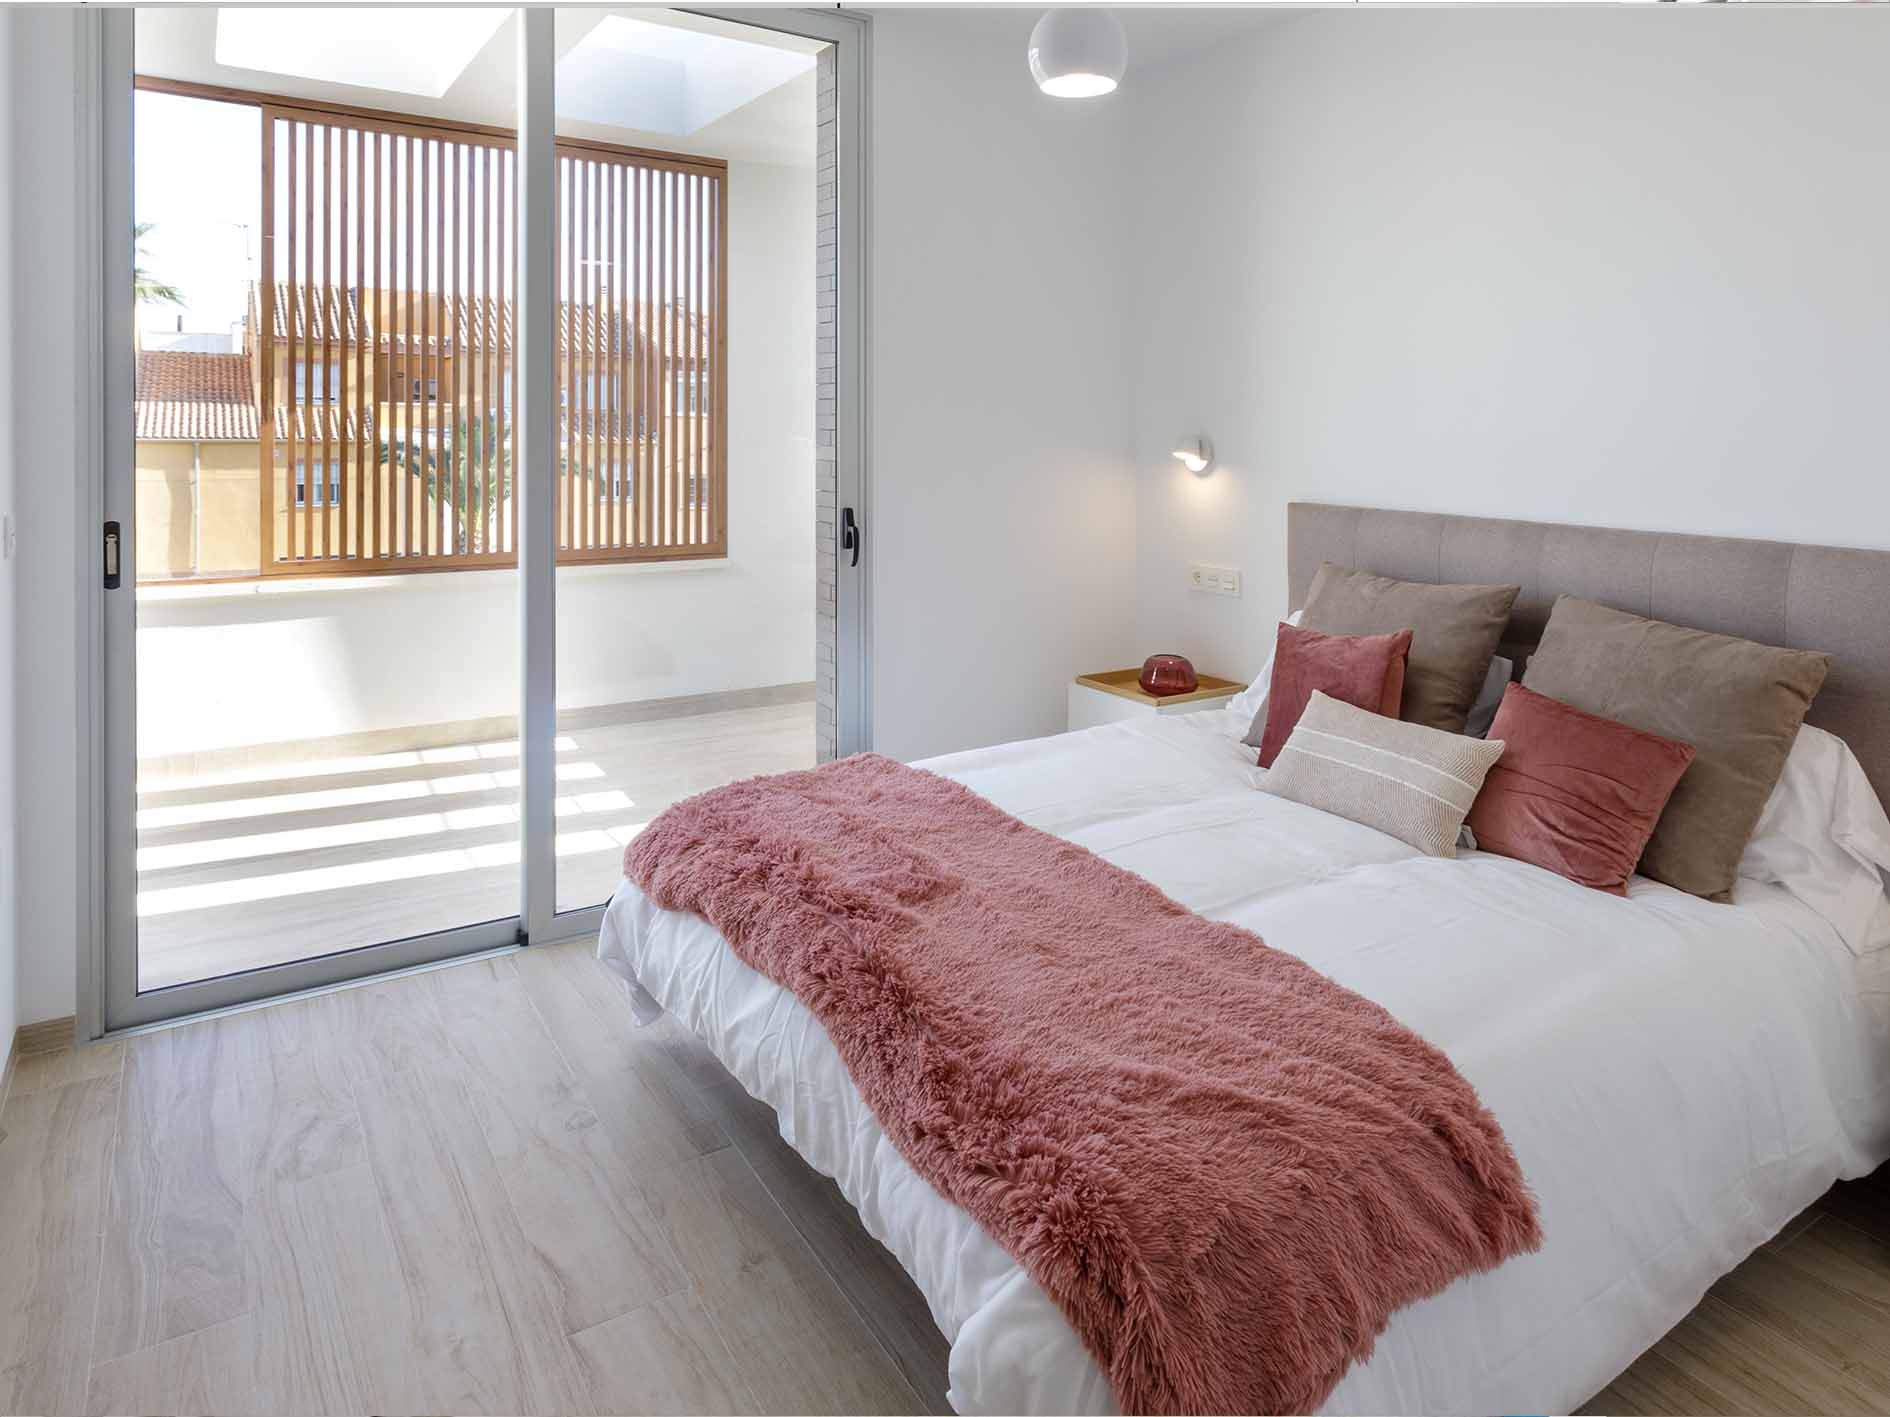 immobilier neuf espagne costa blanca on-d9 el farallon chambre 2